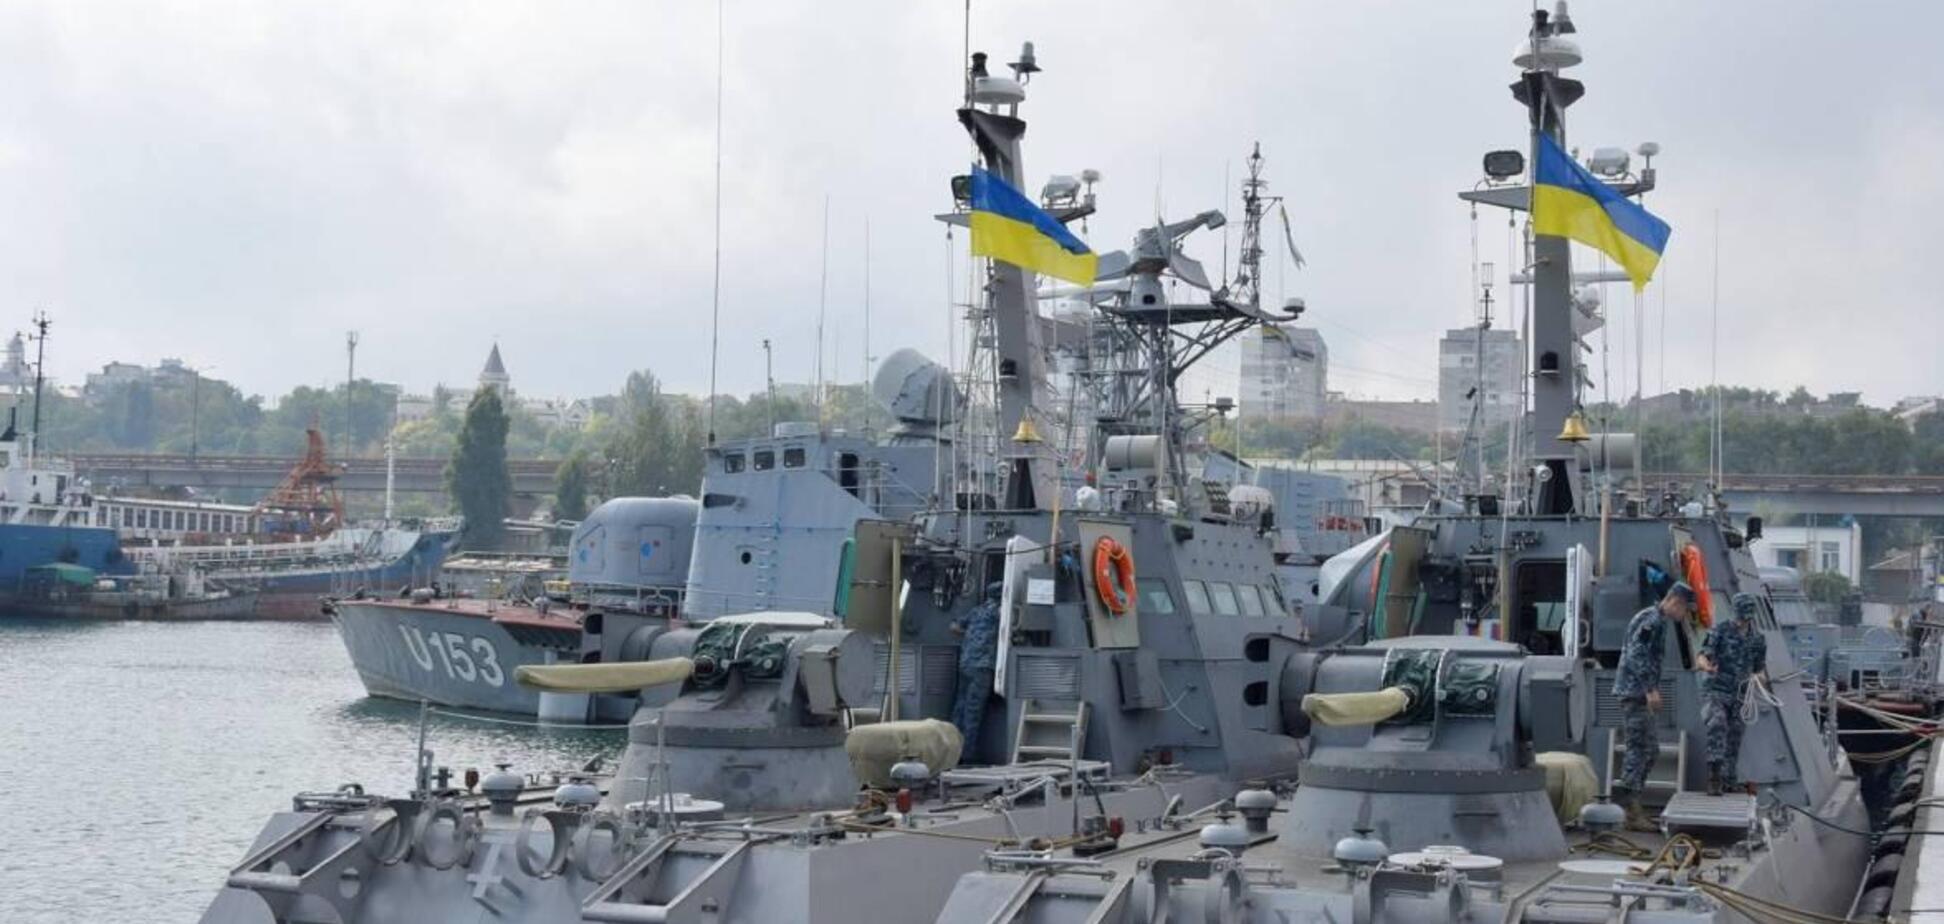 Кораблі ВМС ЗСУ